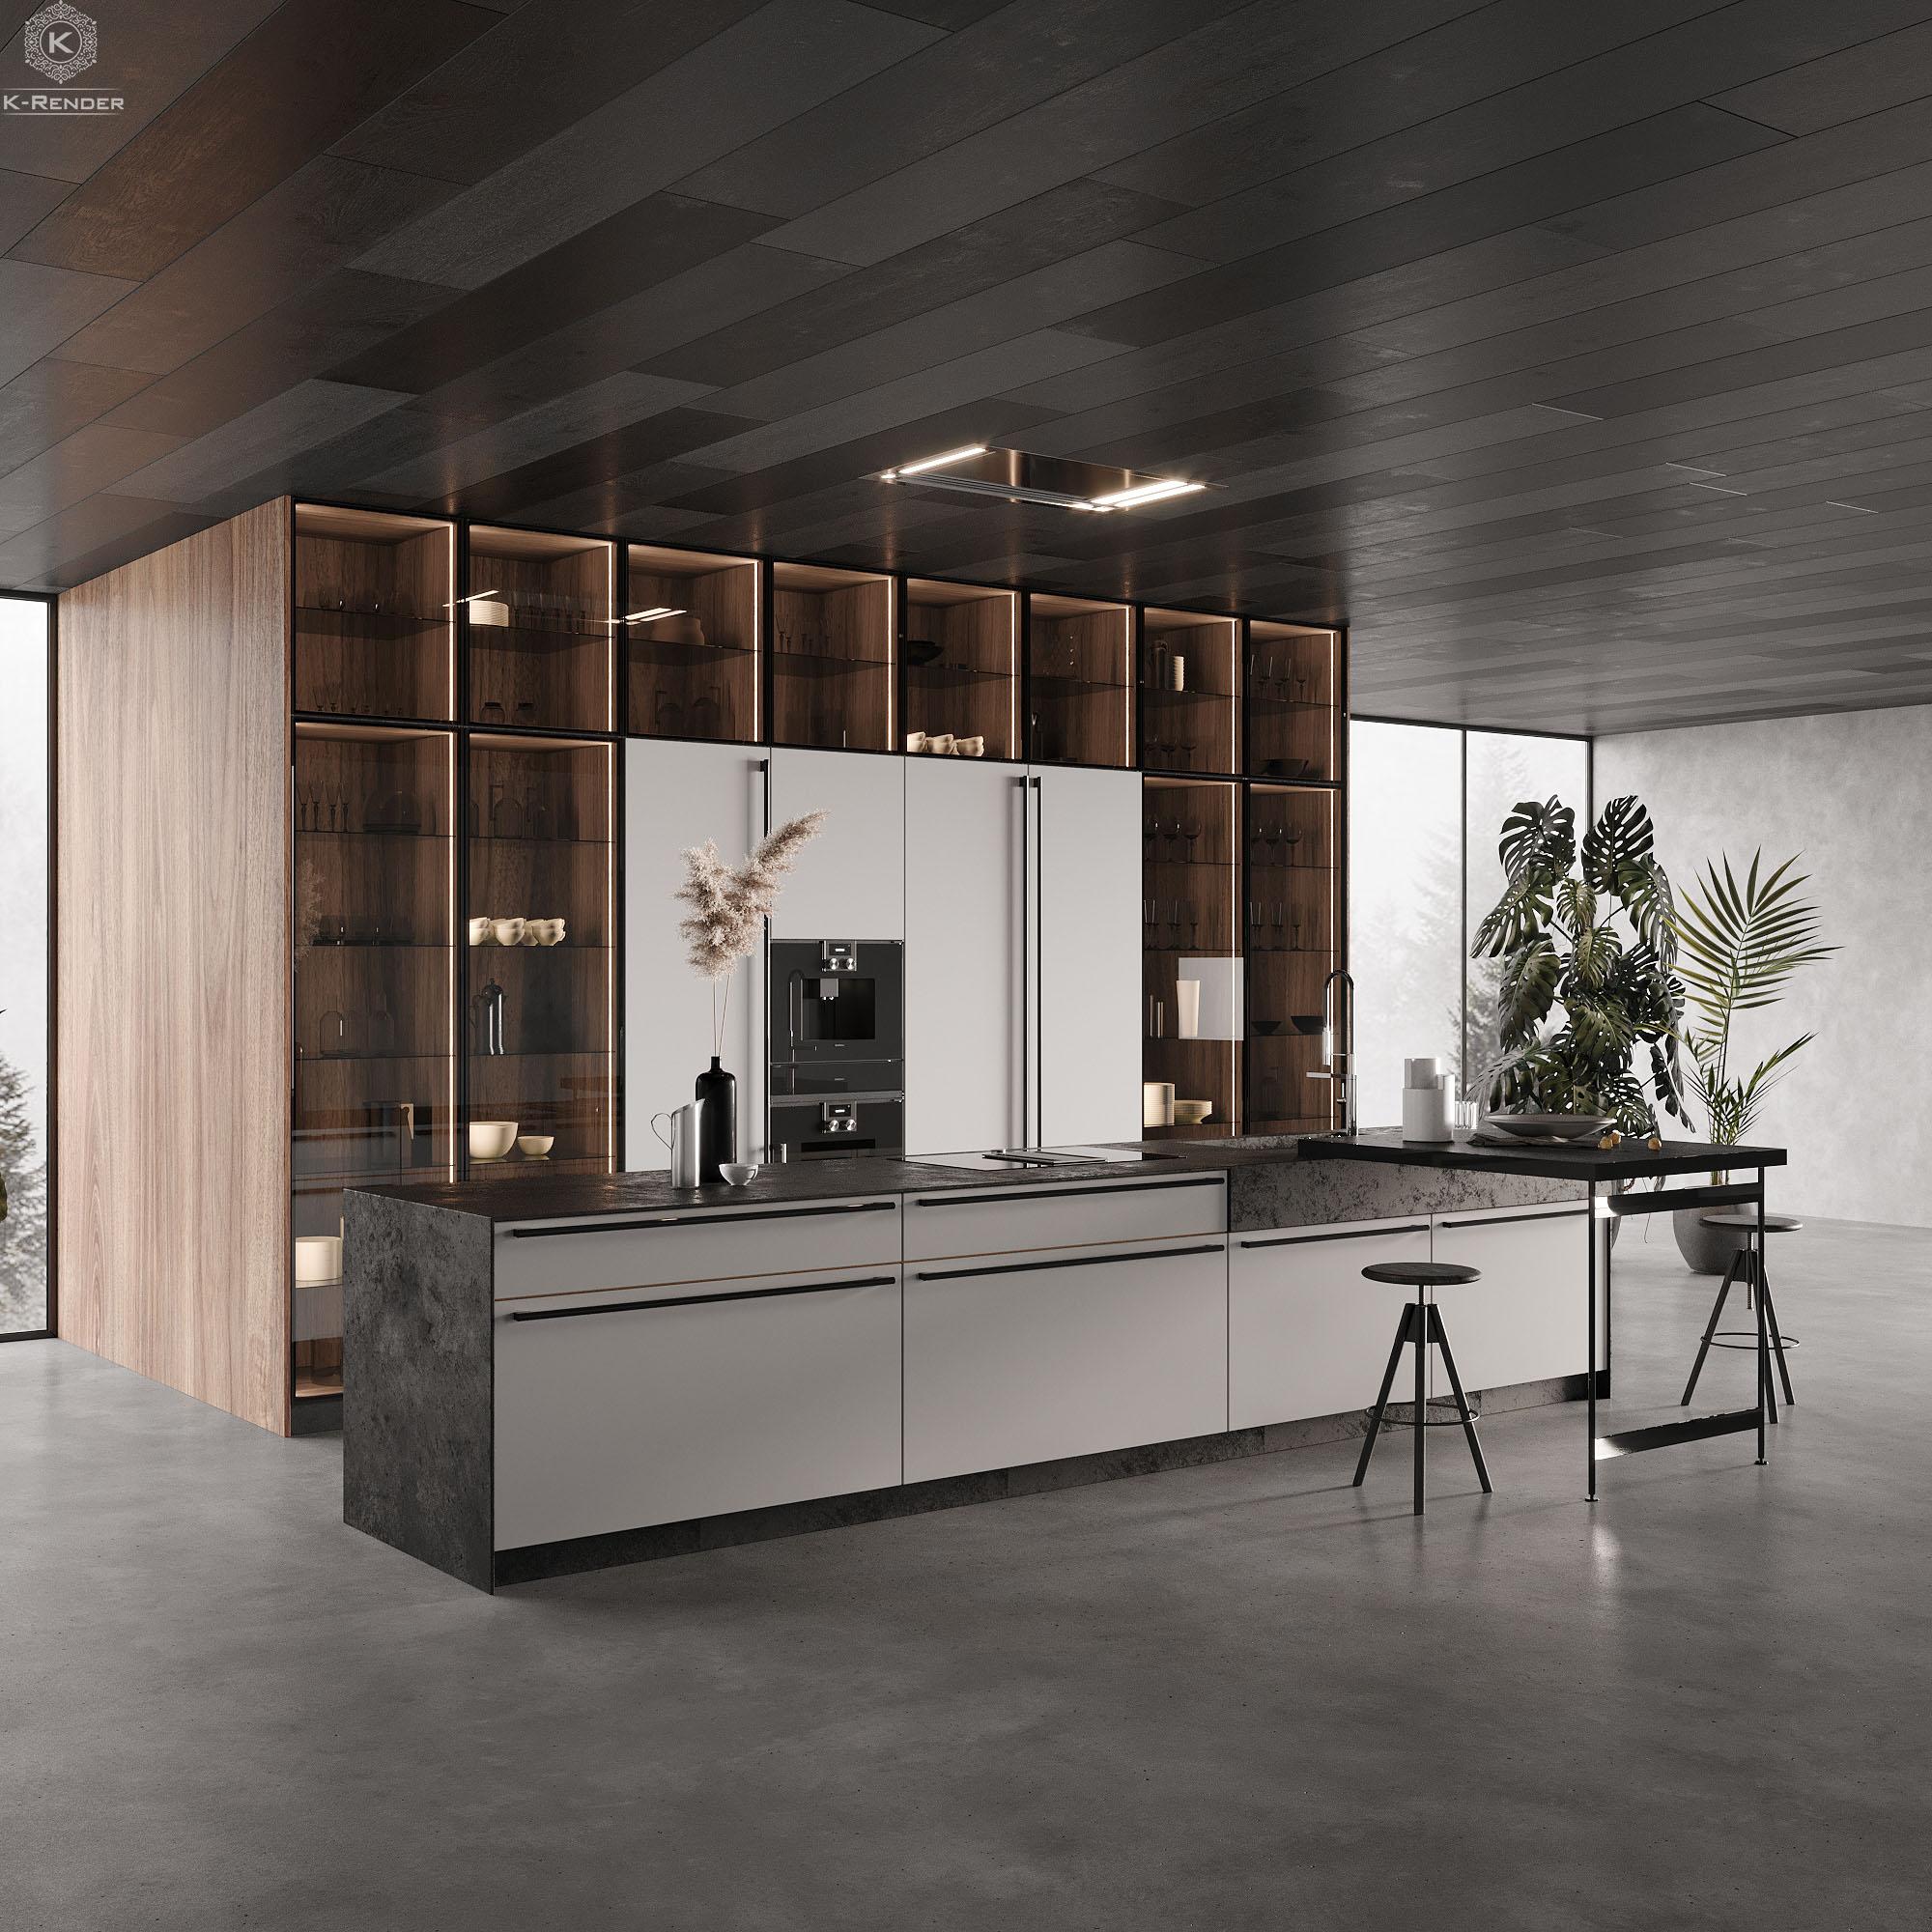 the-di-interni-project-krender-studio-5